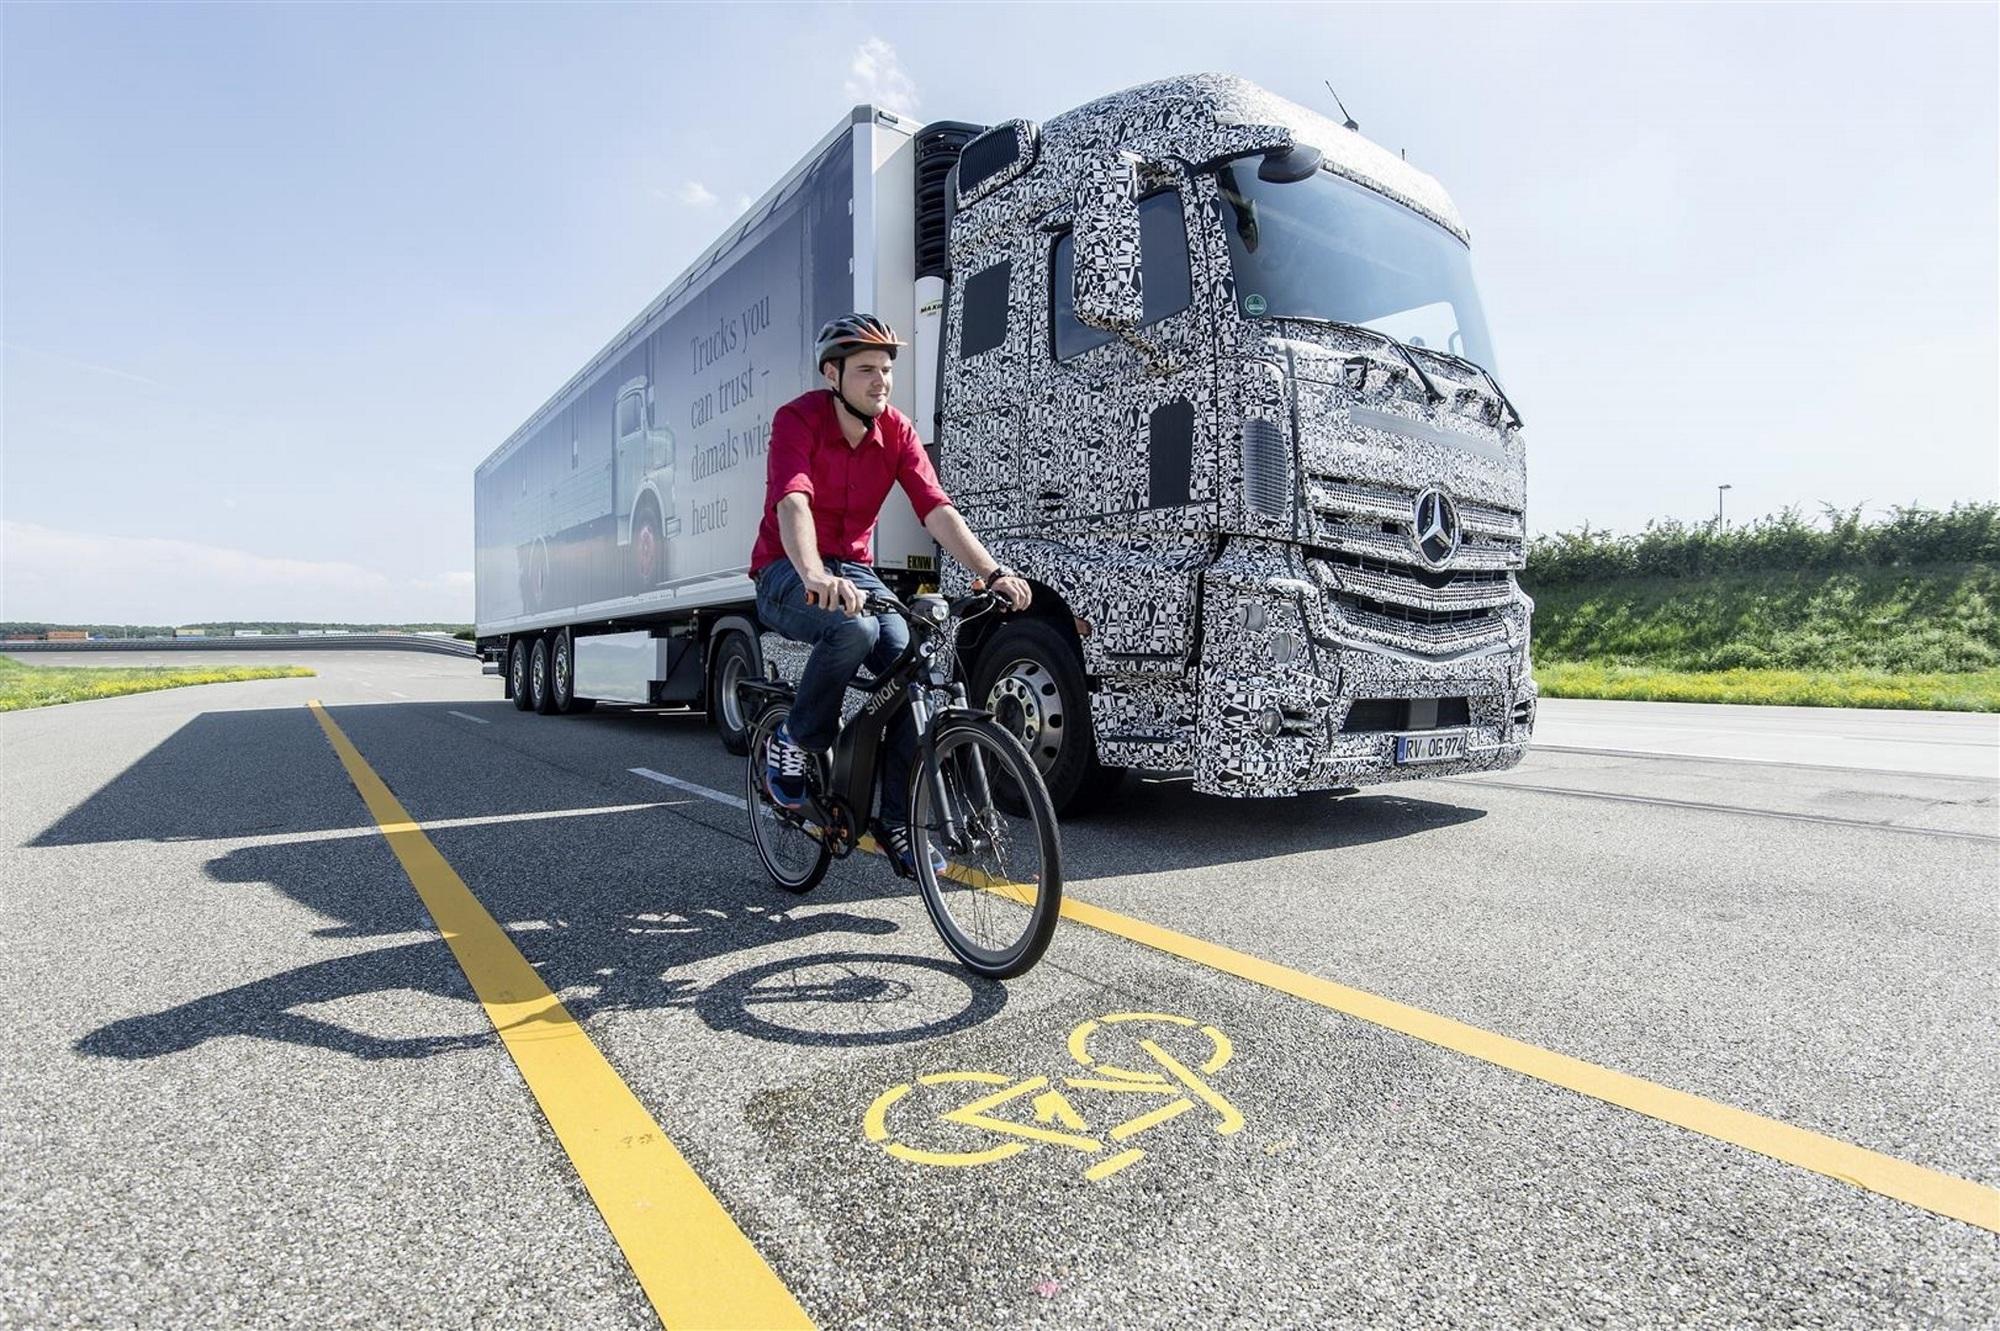 Totwinkel-Warner für abbiegende Lkw - Lebensretter für Fußgänger und Radfahrer